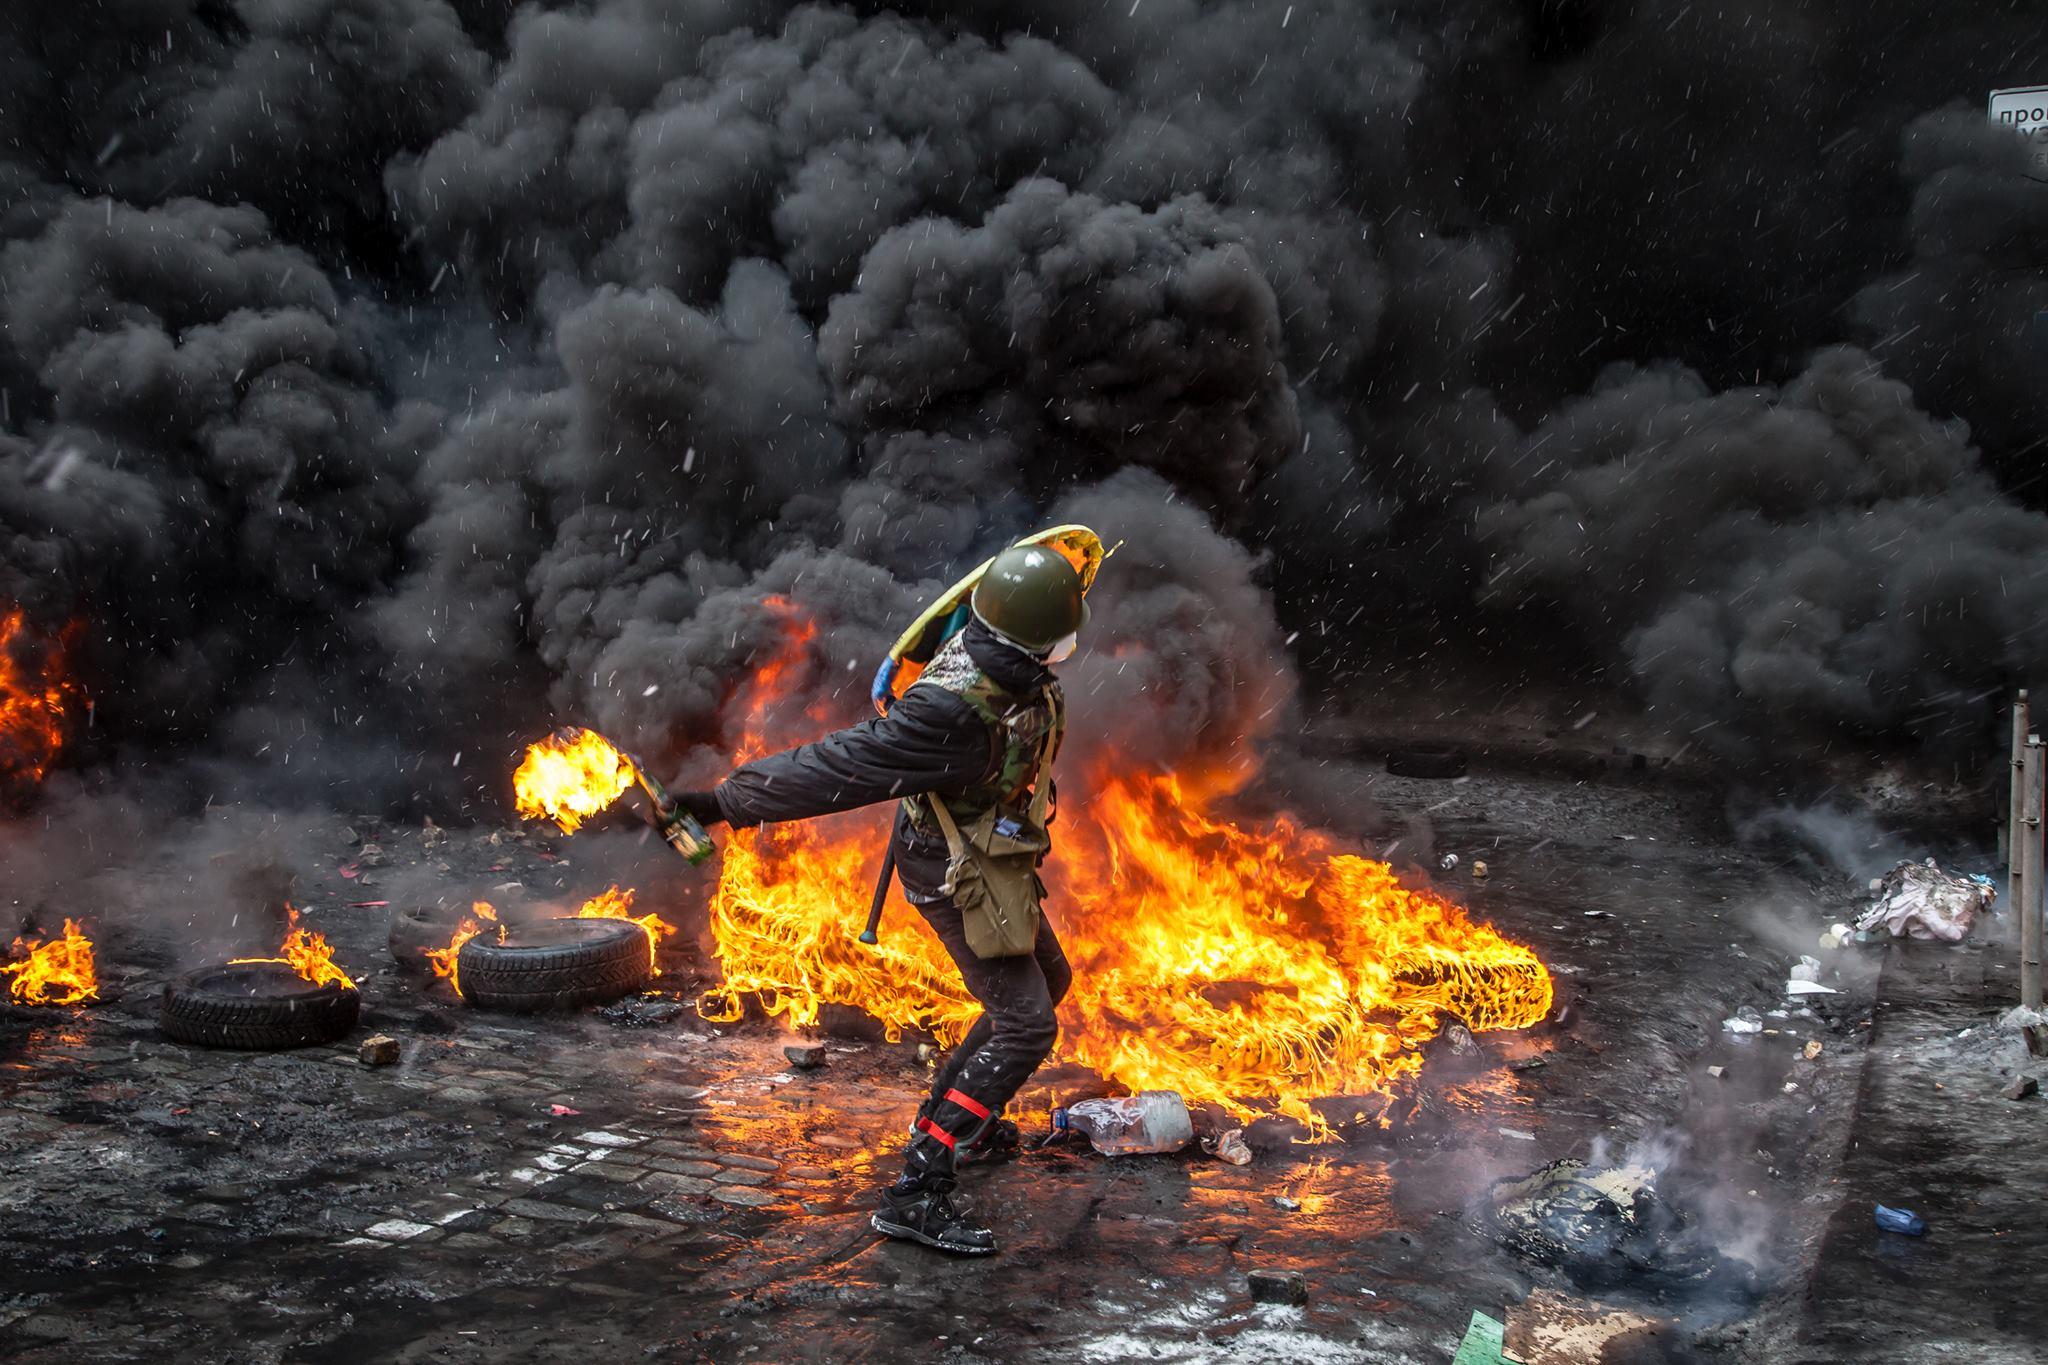 Во время Революции Достоинства участники жгли шины, которые в последствии стали одним из символом Майдана